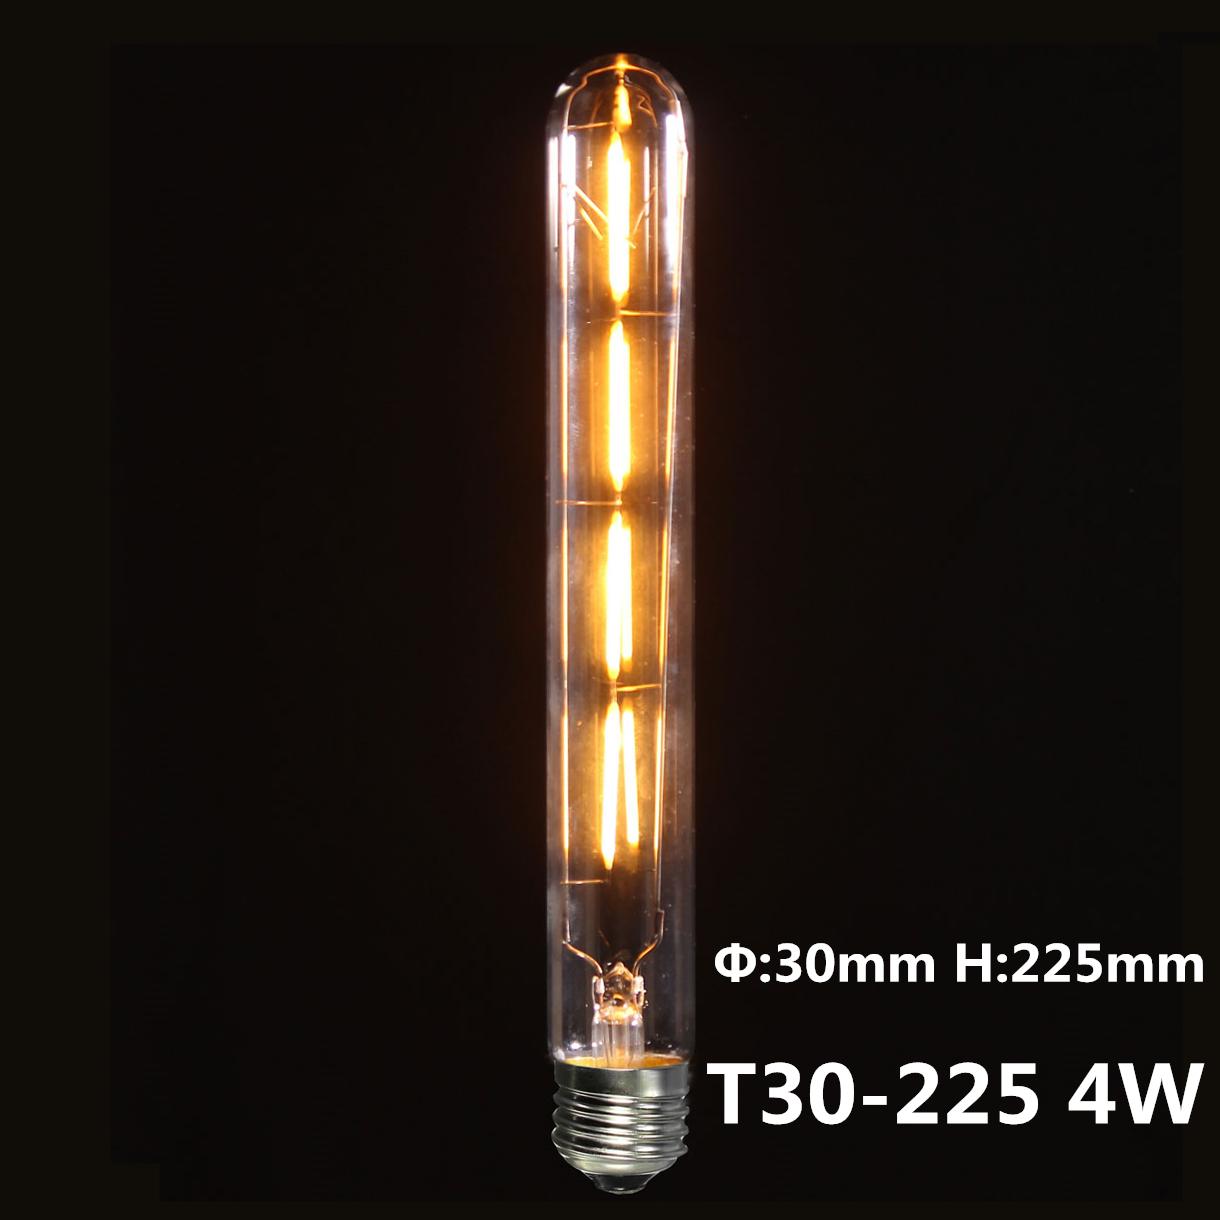 E27 LED COB Ampoule Filament Vintage Rétro Edison Lampe